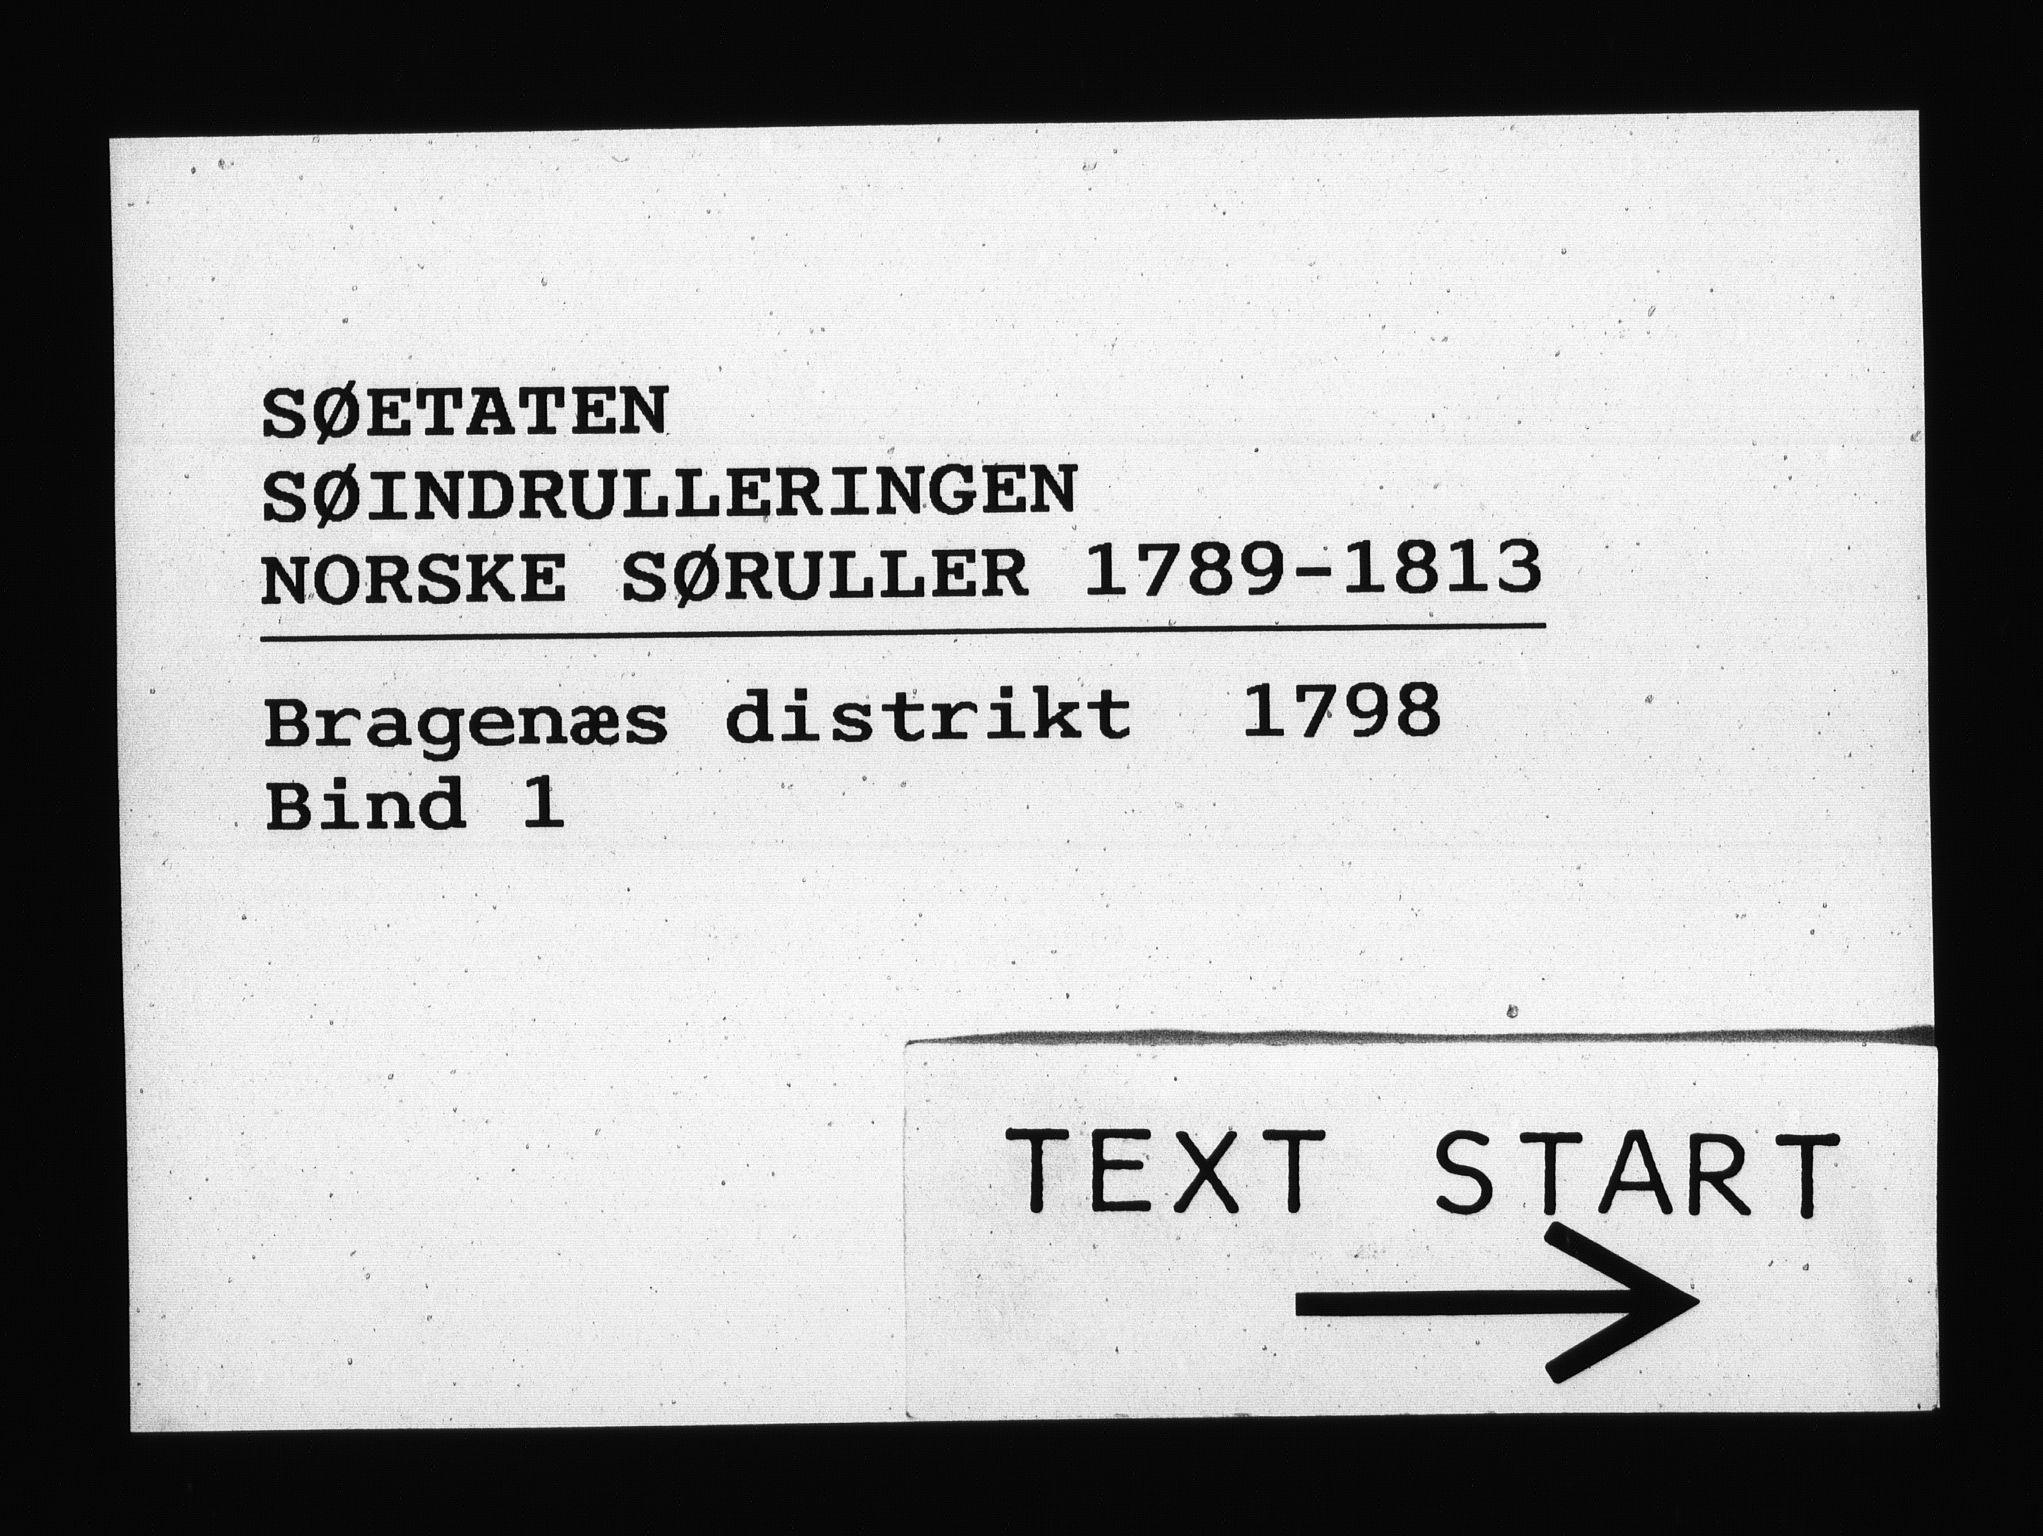 RA, Sjøetaten, F/L0123: Bragernes distrikt, bind 1, 1798